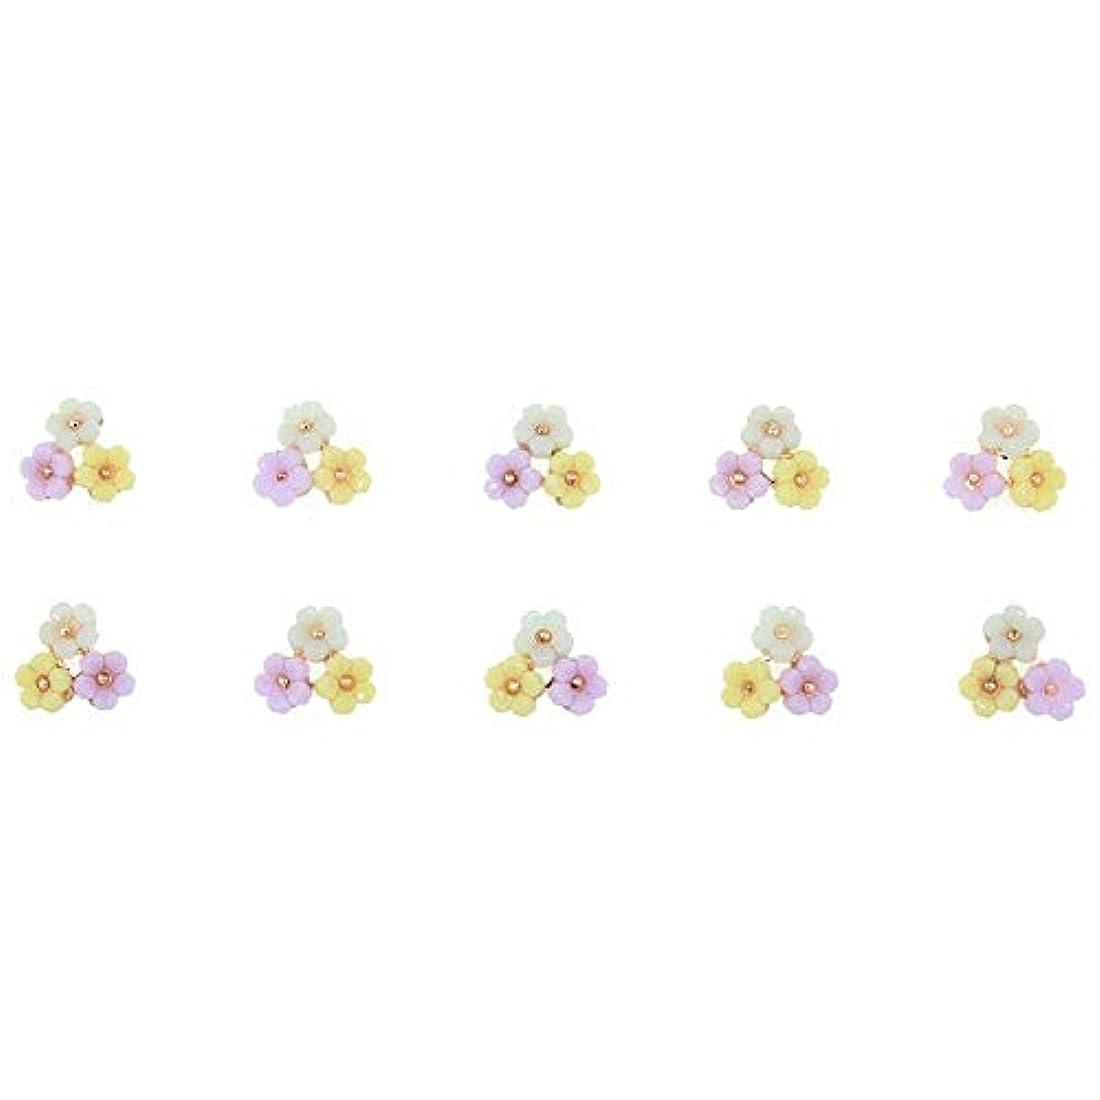 3D合金ネイルアート10個/ロット3花カラフルマニキュアアクセサリー用グリッターストラス装飾用チャームネイル